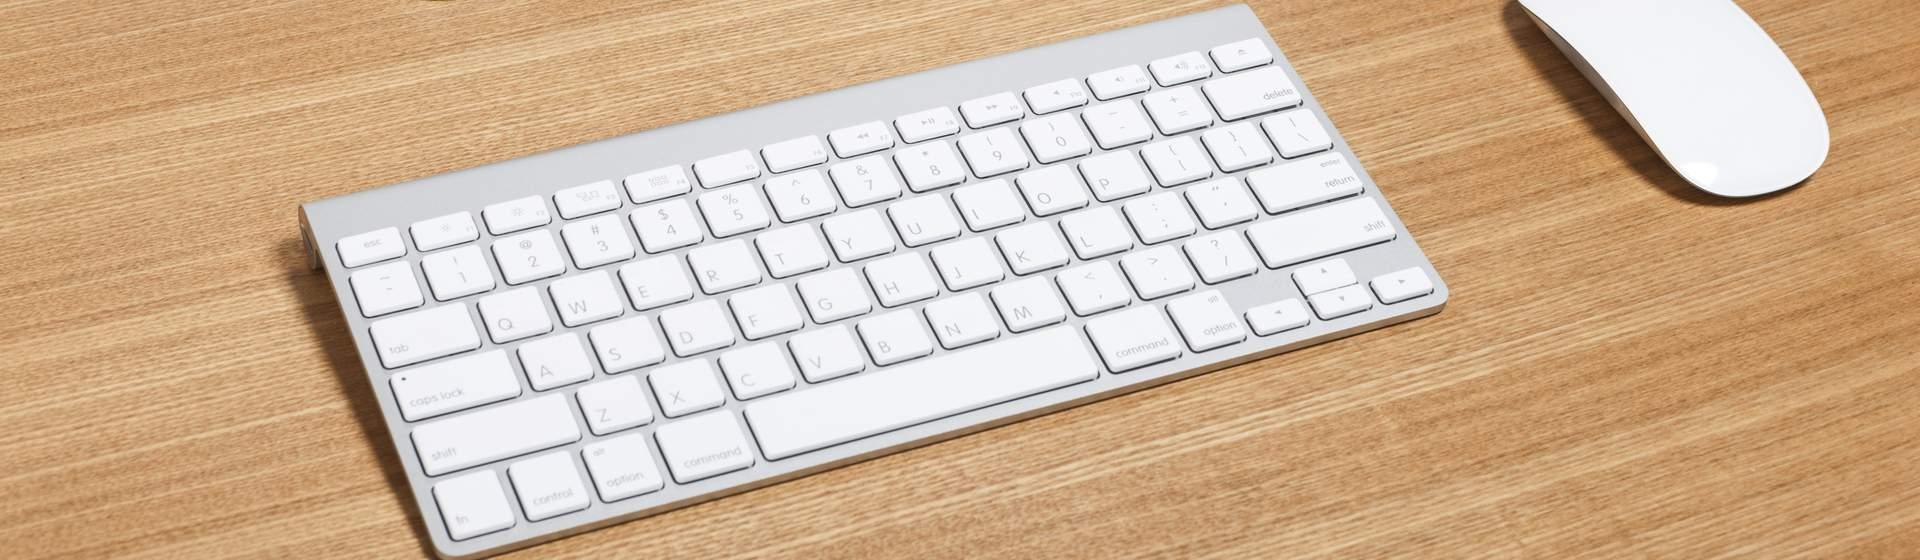 Melhor teclado sem fio em 2021: 8 modelos para comprar